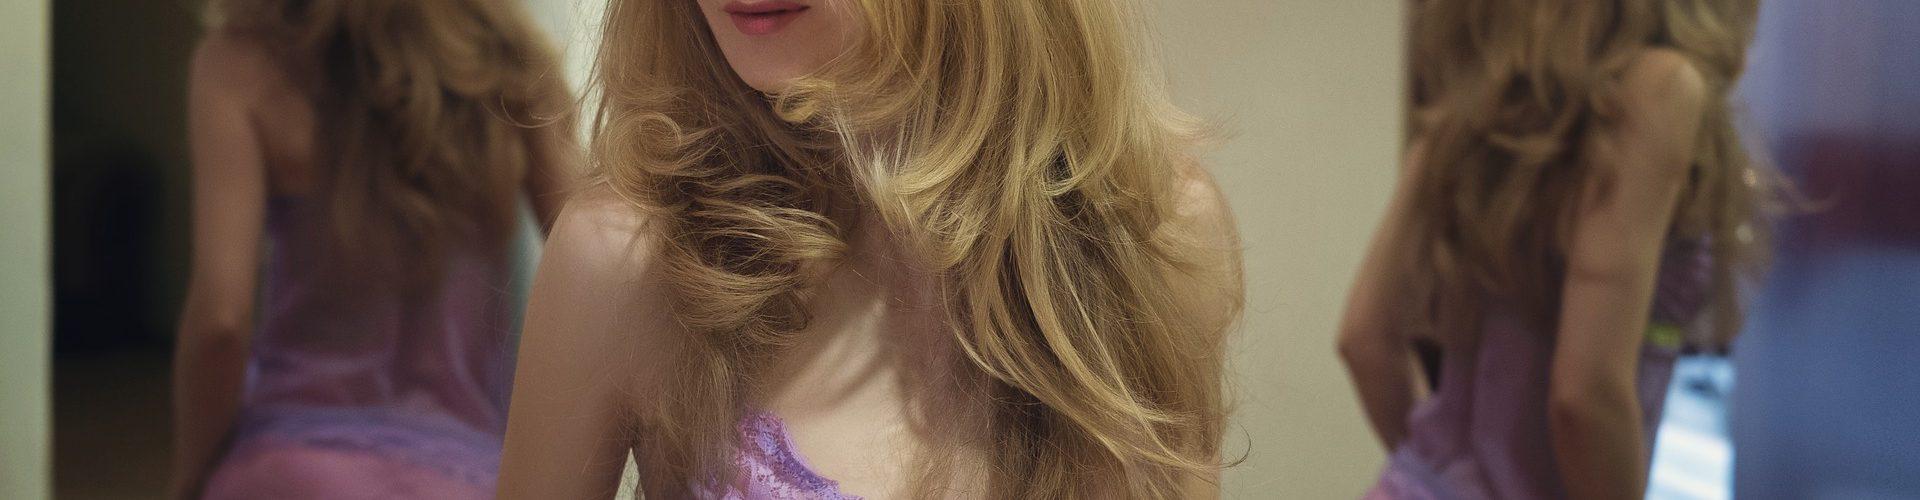 Почему выпадают волосы и как решить эту проблему?